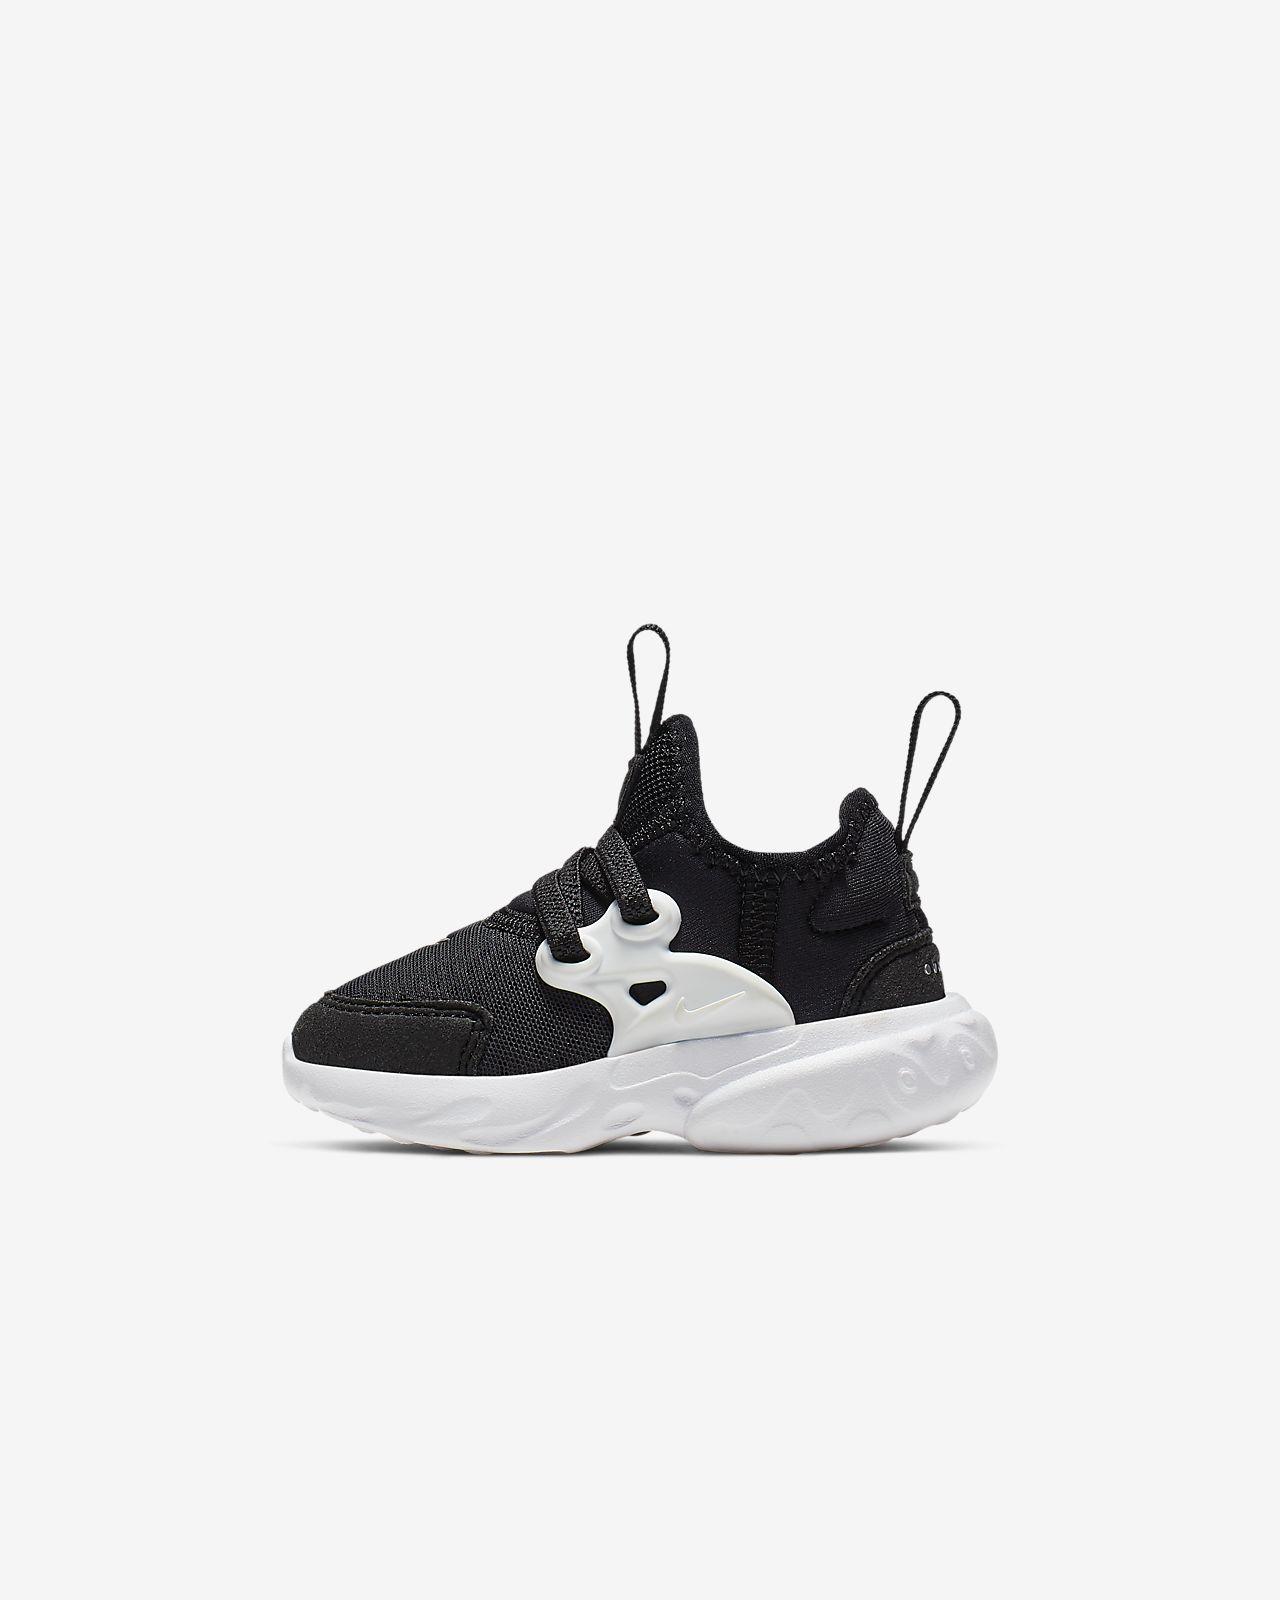 8823302228a5a Chaussure Nike React Presto pour Bébé et Petit enfant. Nike.com FR